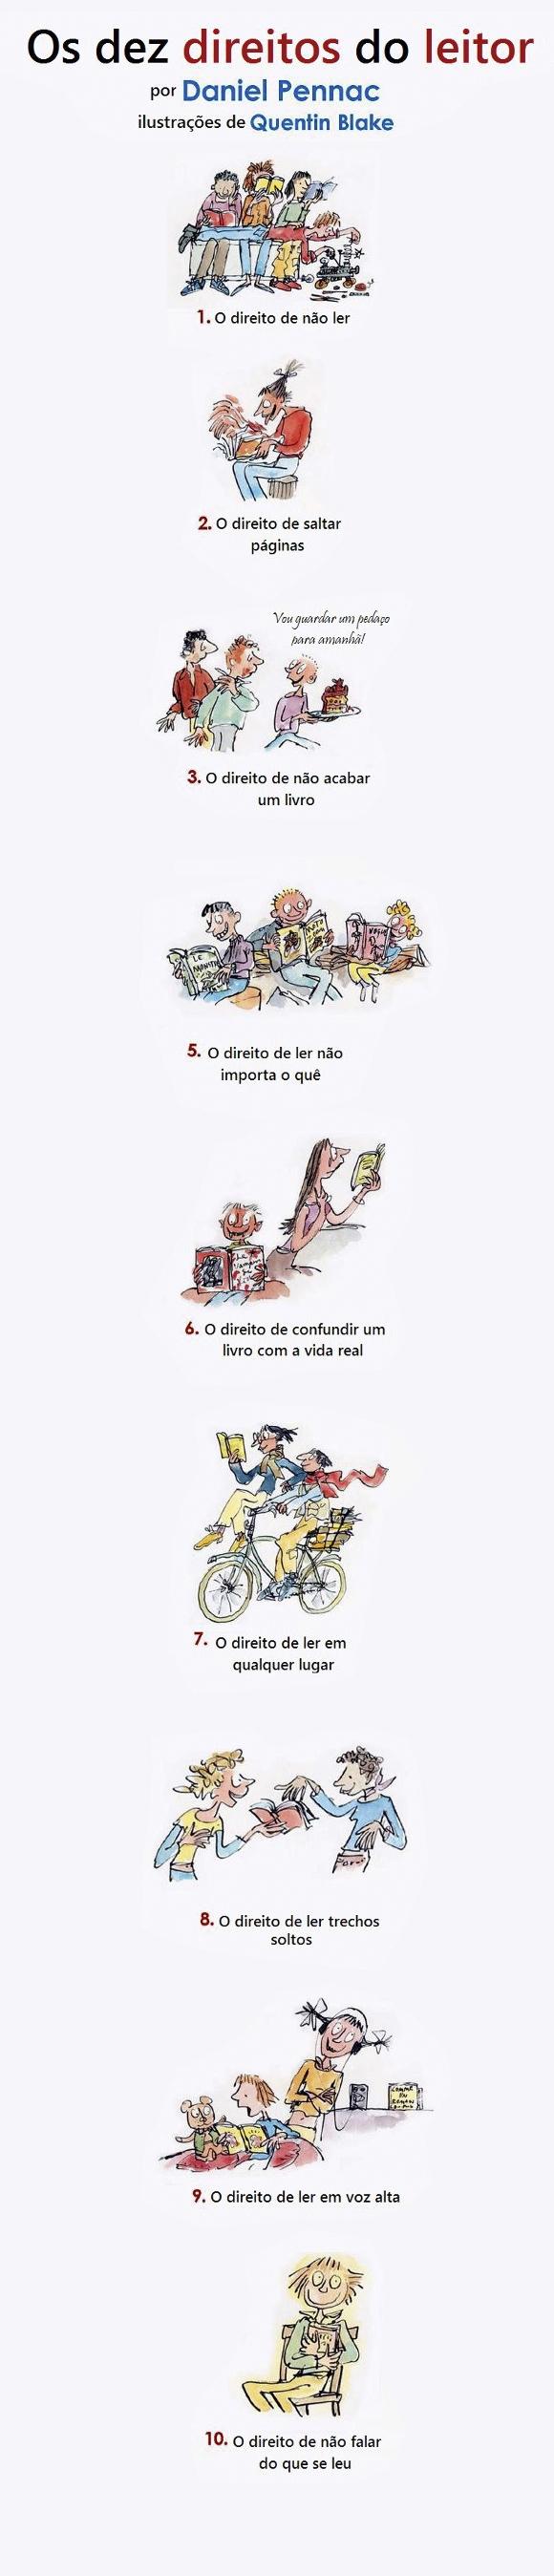 os dez direitos do Leitor - definitivo